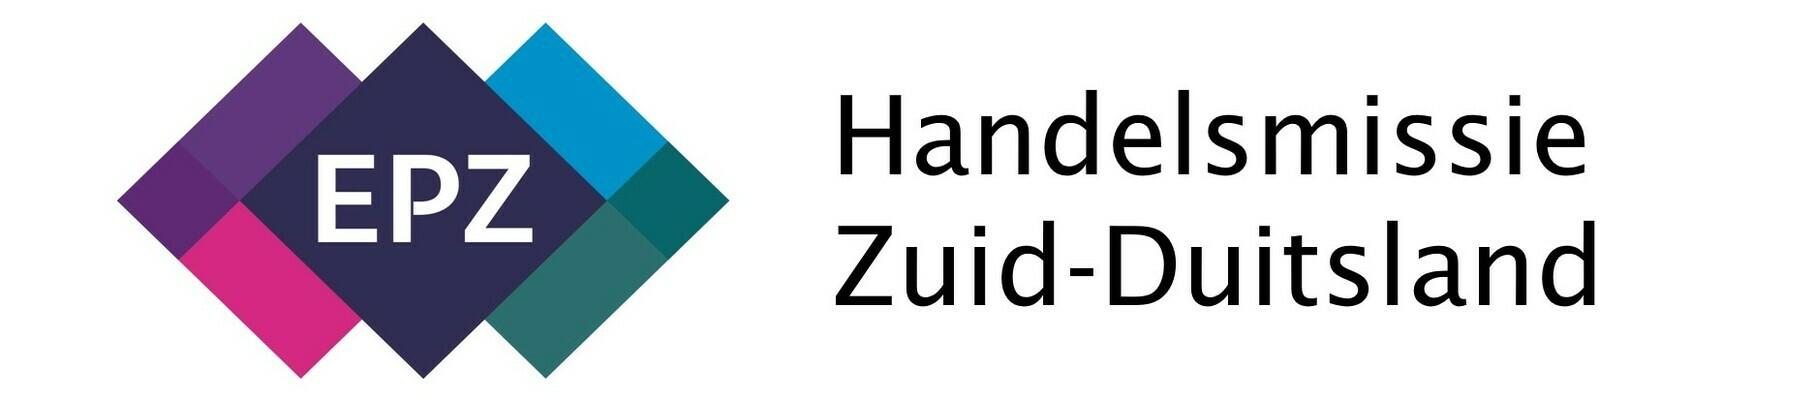 EPZ Handelsmissie Zuid-Duitsland